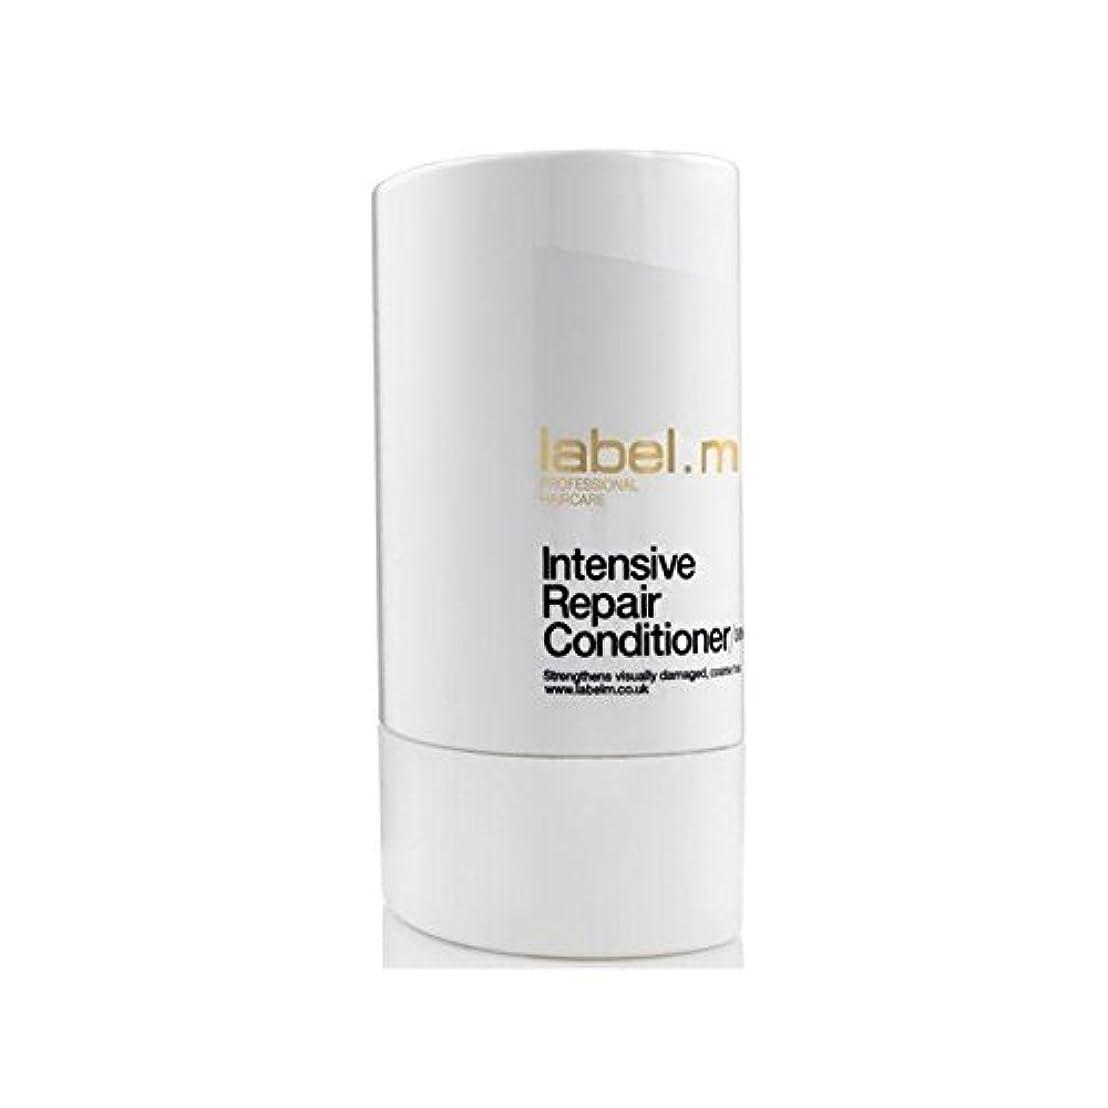 冷淡なしっかり教授Label.M Intensive Repair Conditioner (300ml) - .の集中リペアコンディショナー(300ミリリットル) [並行輸入品]